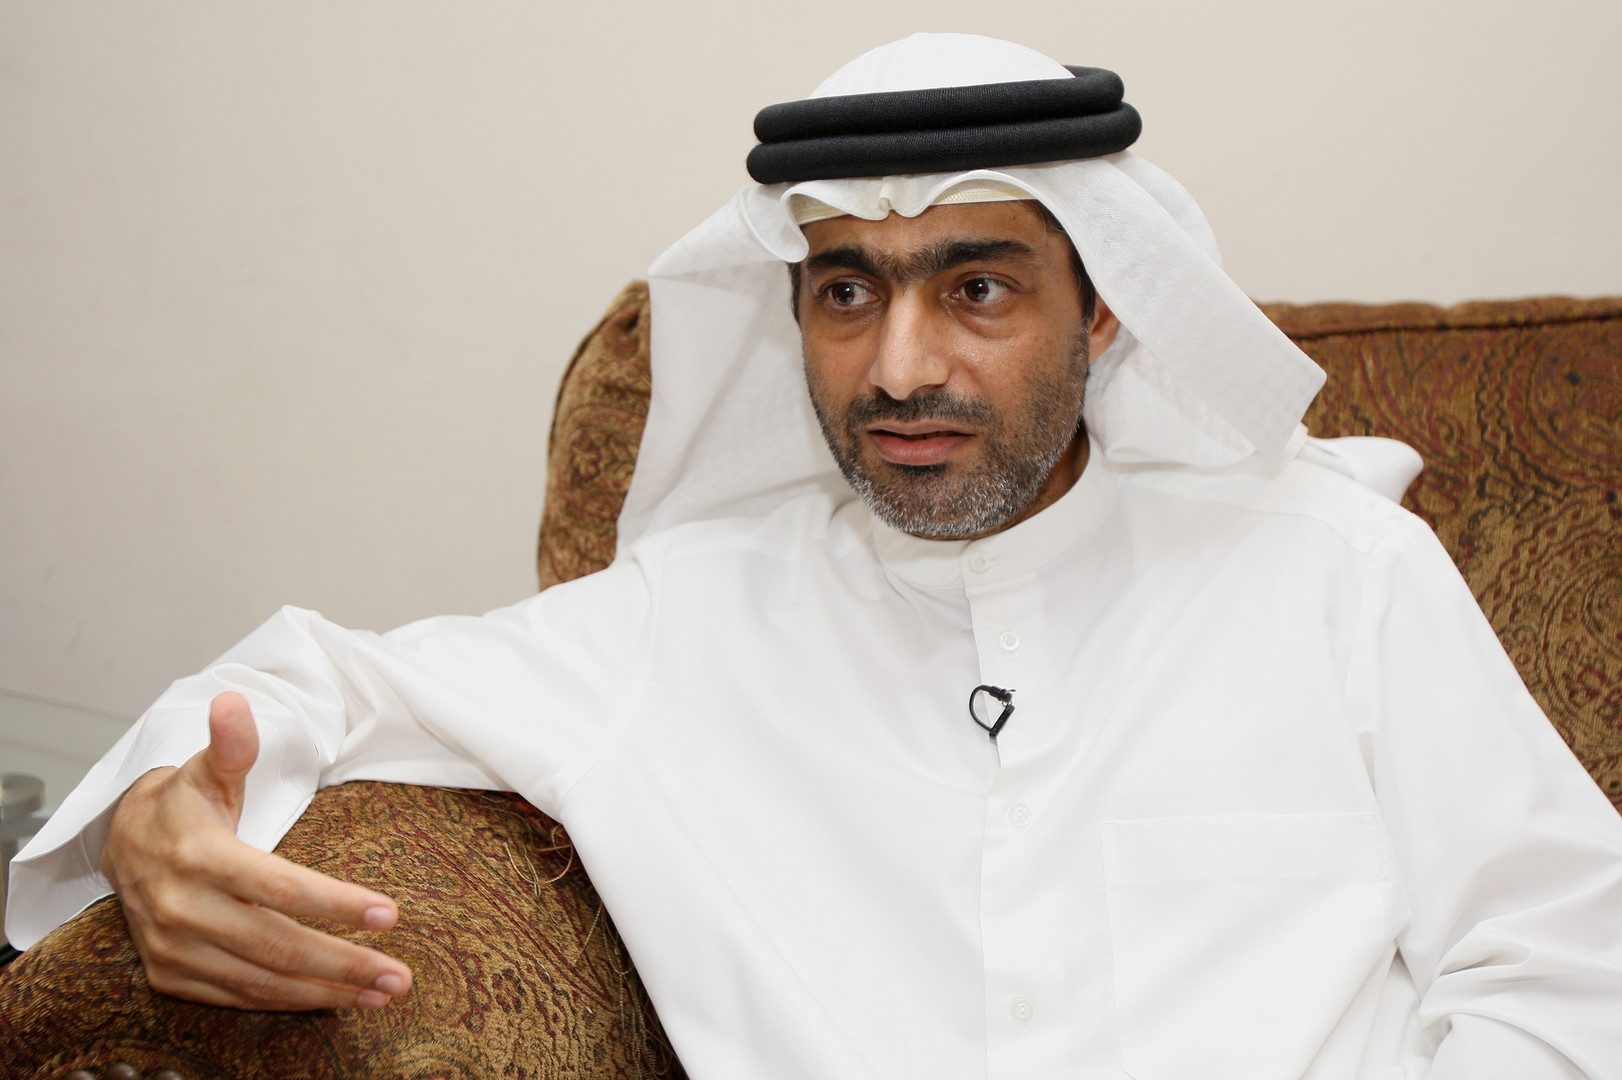 الأمم المتحدة توجه نداء إلى الإمارات بسبب وضع ناشط حقوقي مسجون